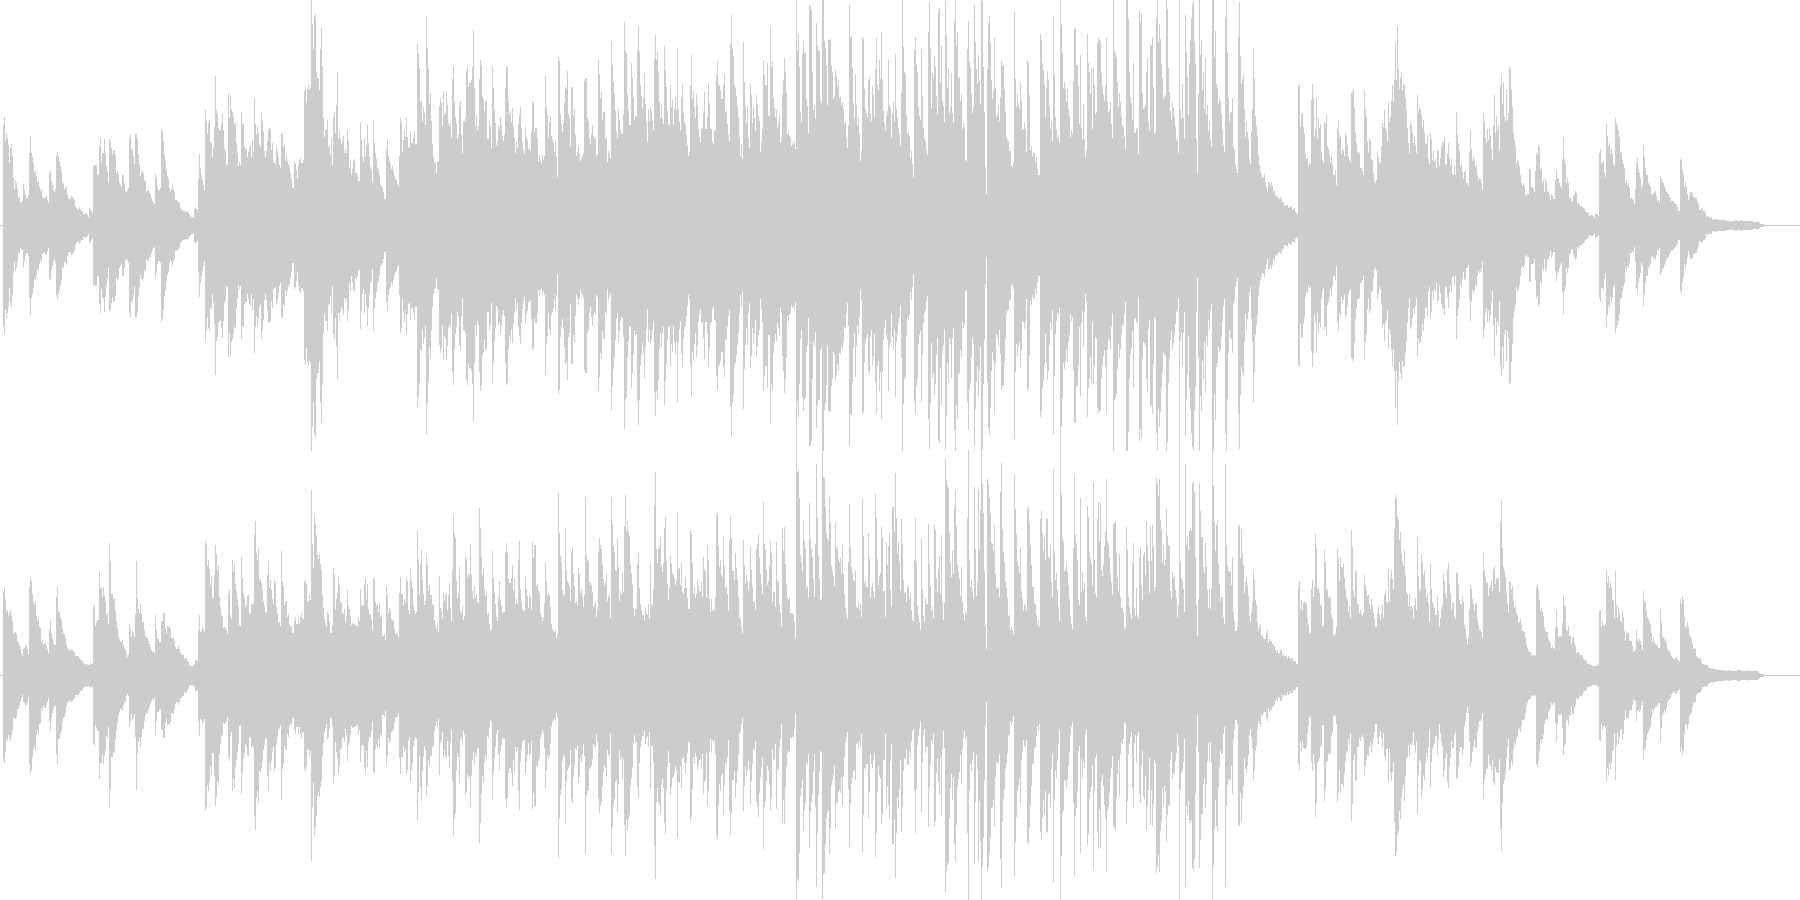 感動・わくわく・ピアノ・映像・イベント用の未再生の波形